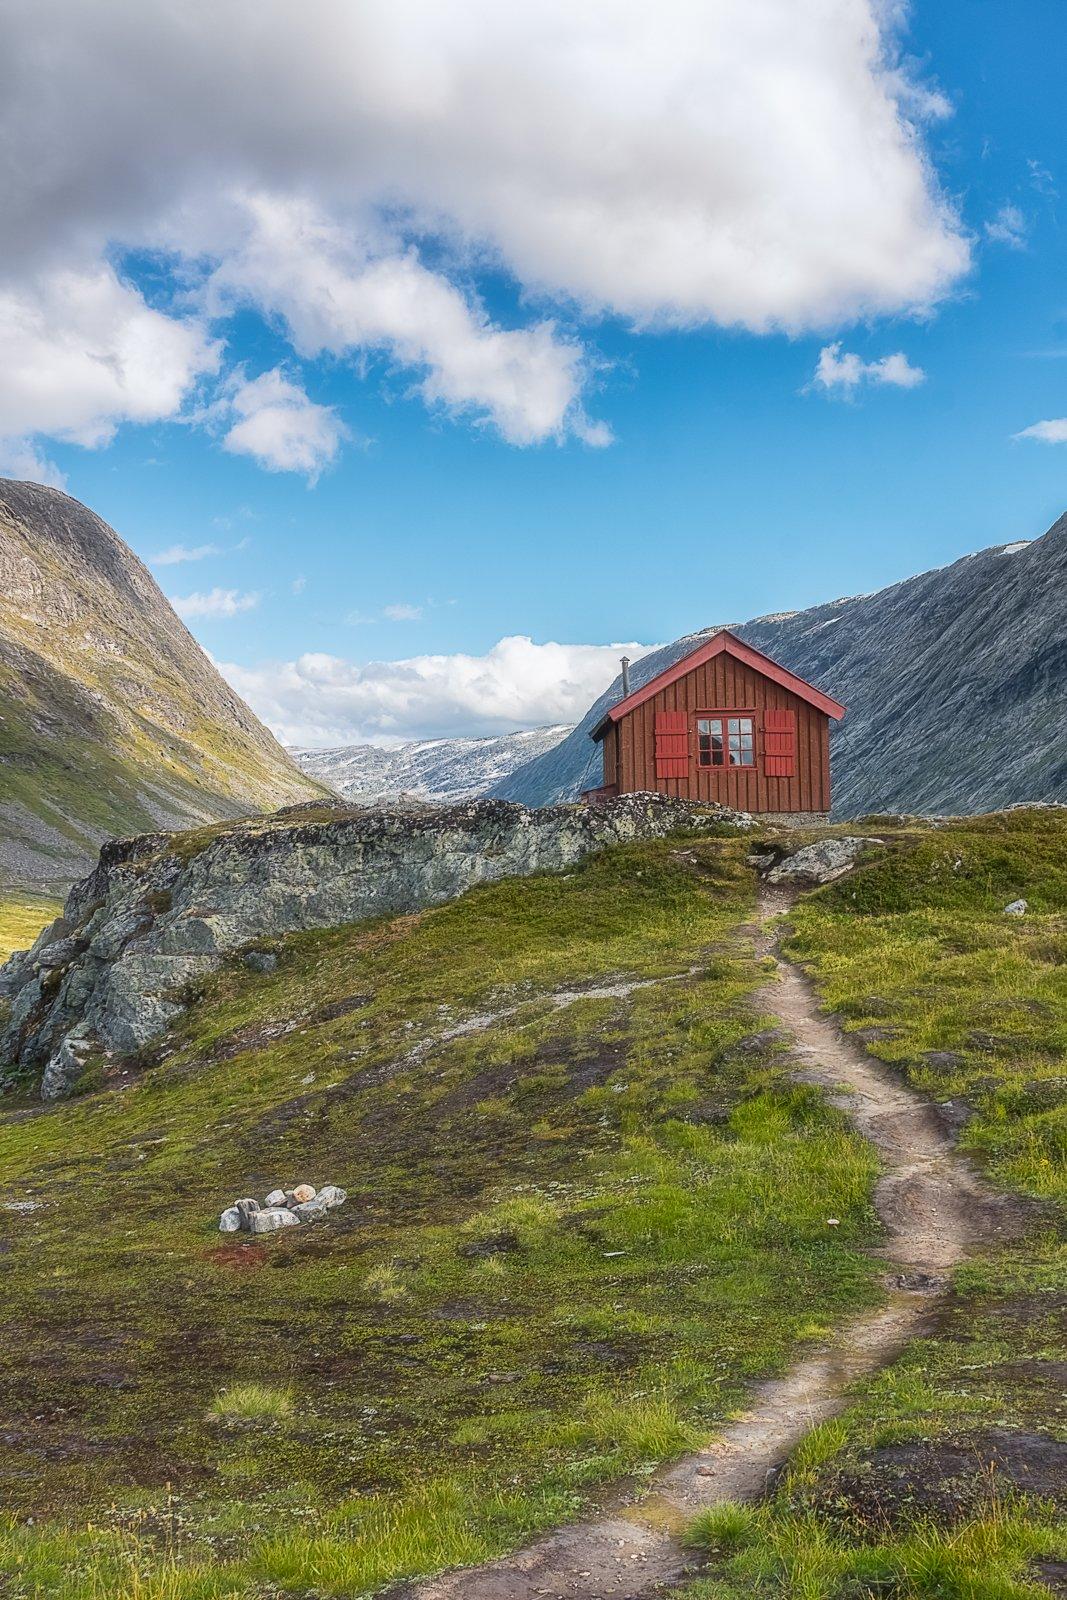 Норвегия, пейзаж, природа, дом, горы, Лариса Николаевна Дука